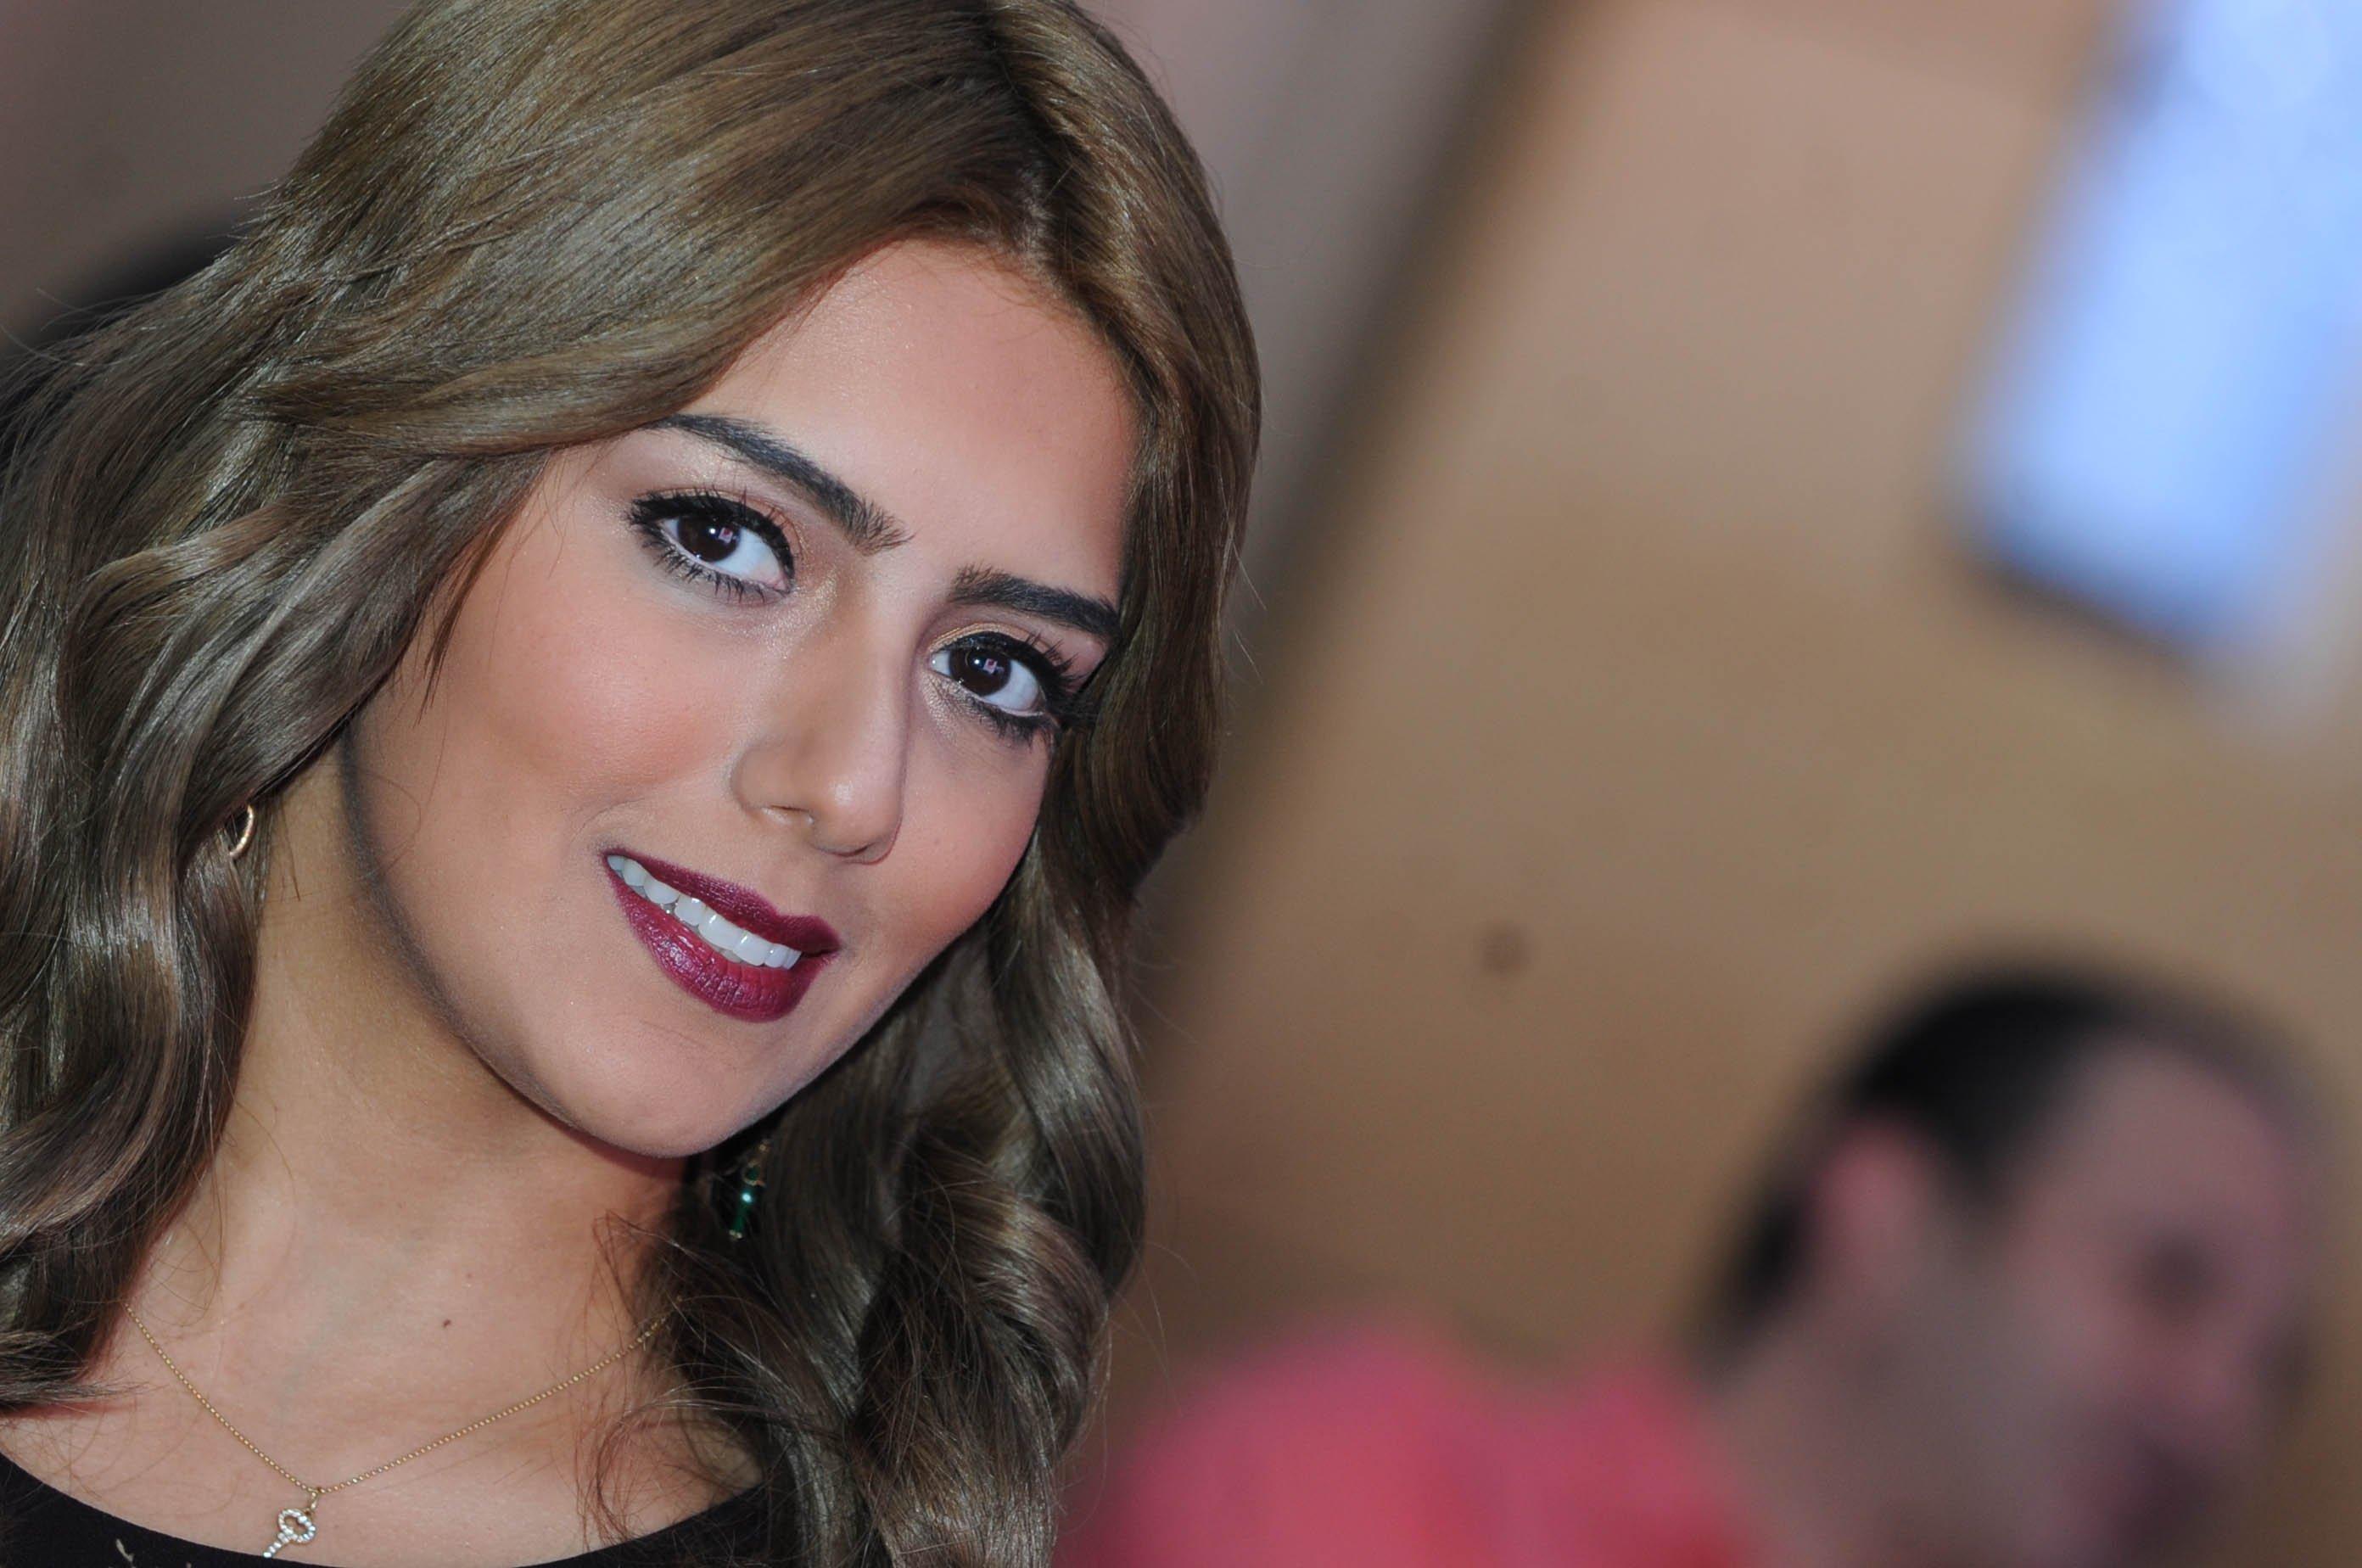 صورة ممثلات كويتيات , اجمل نجوم الكويت